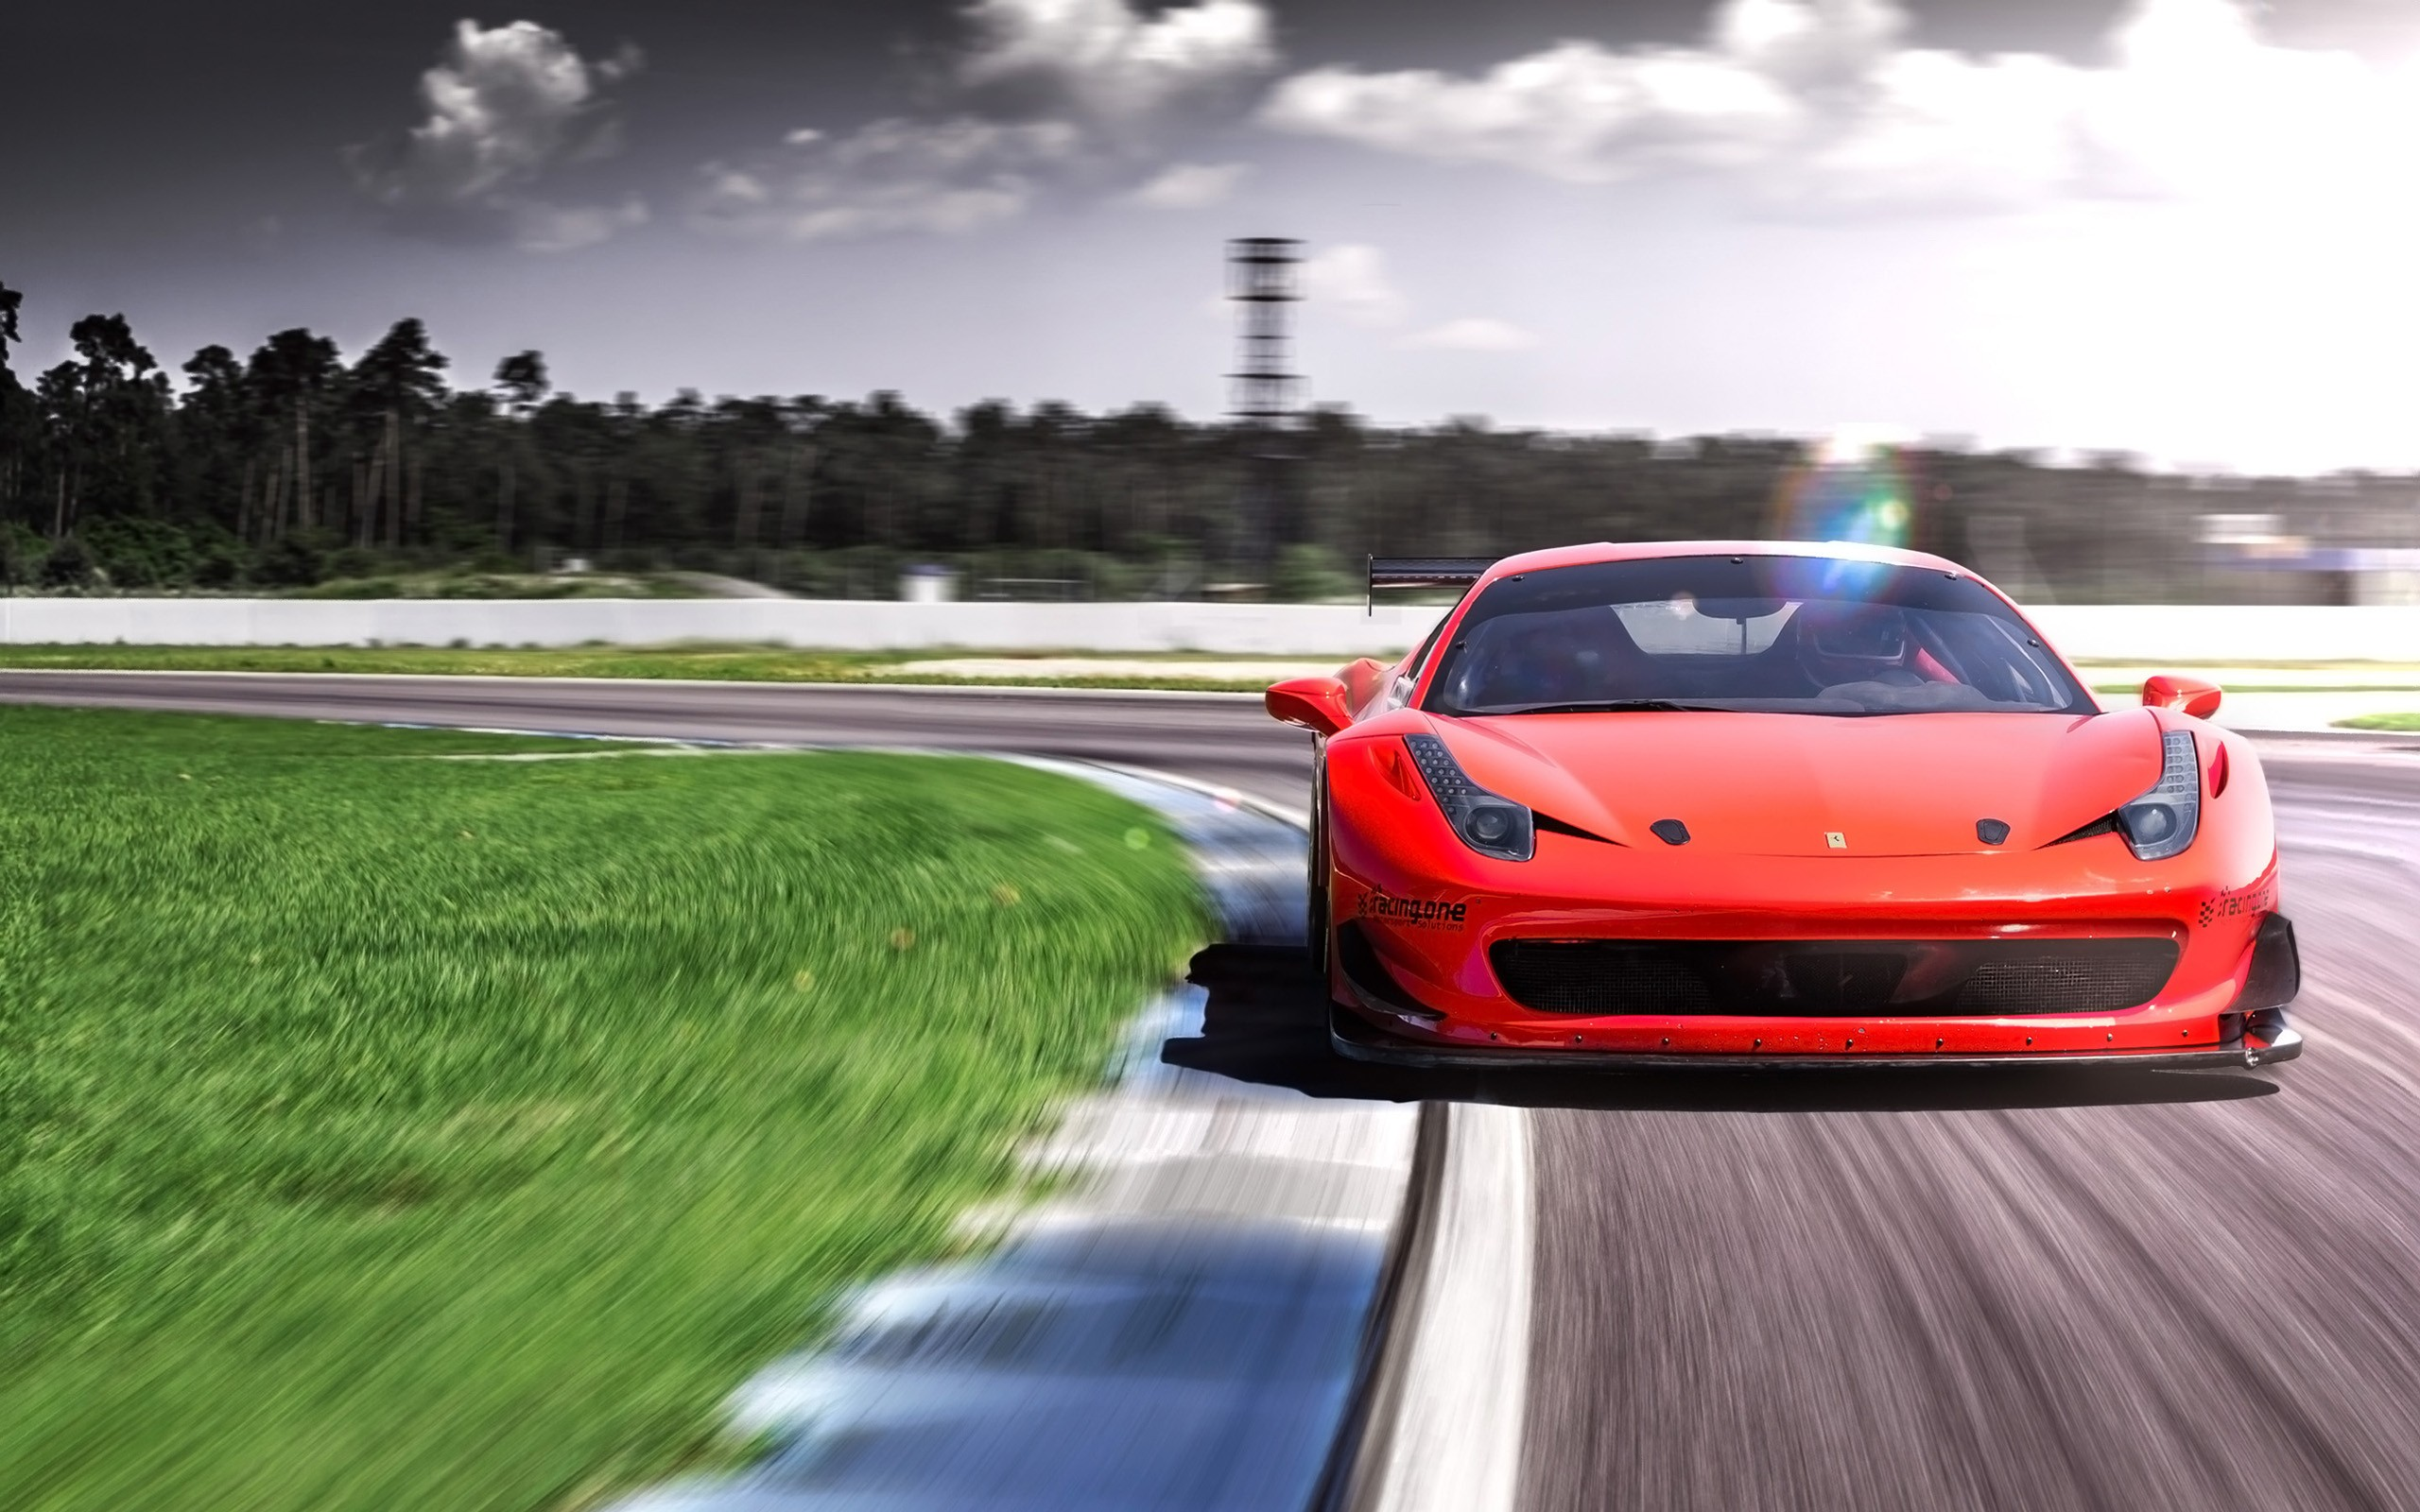 Download Ferrari 458 Wallpaper Hd For Desktop  Pics